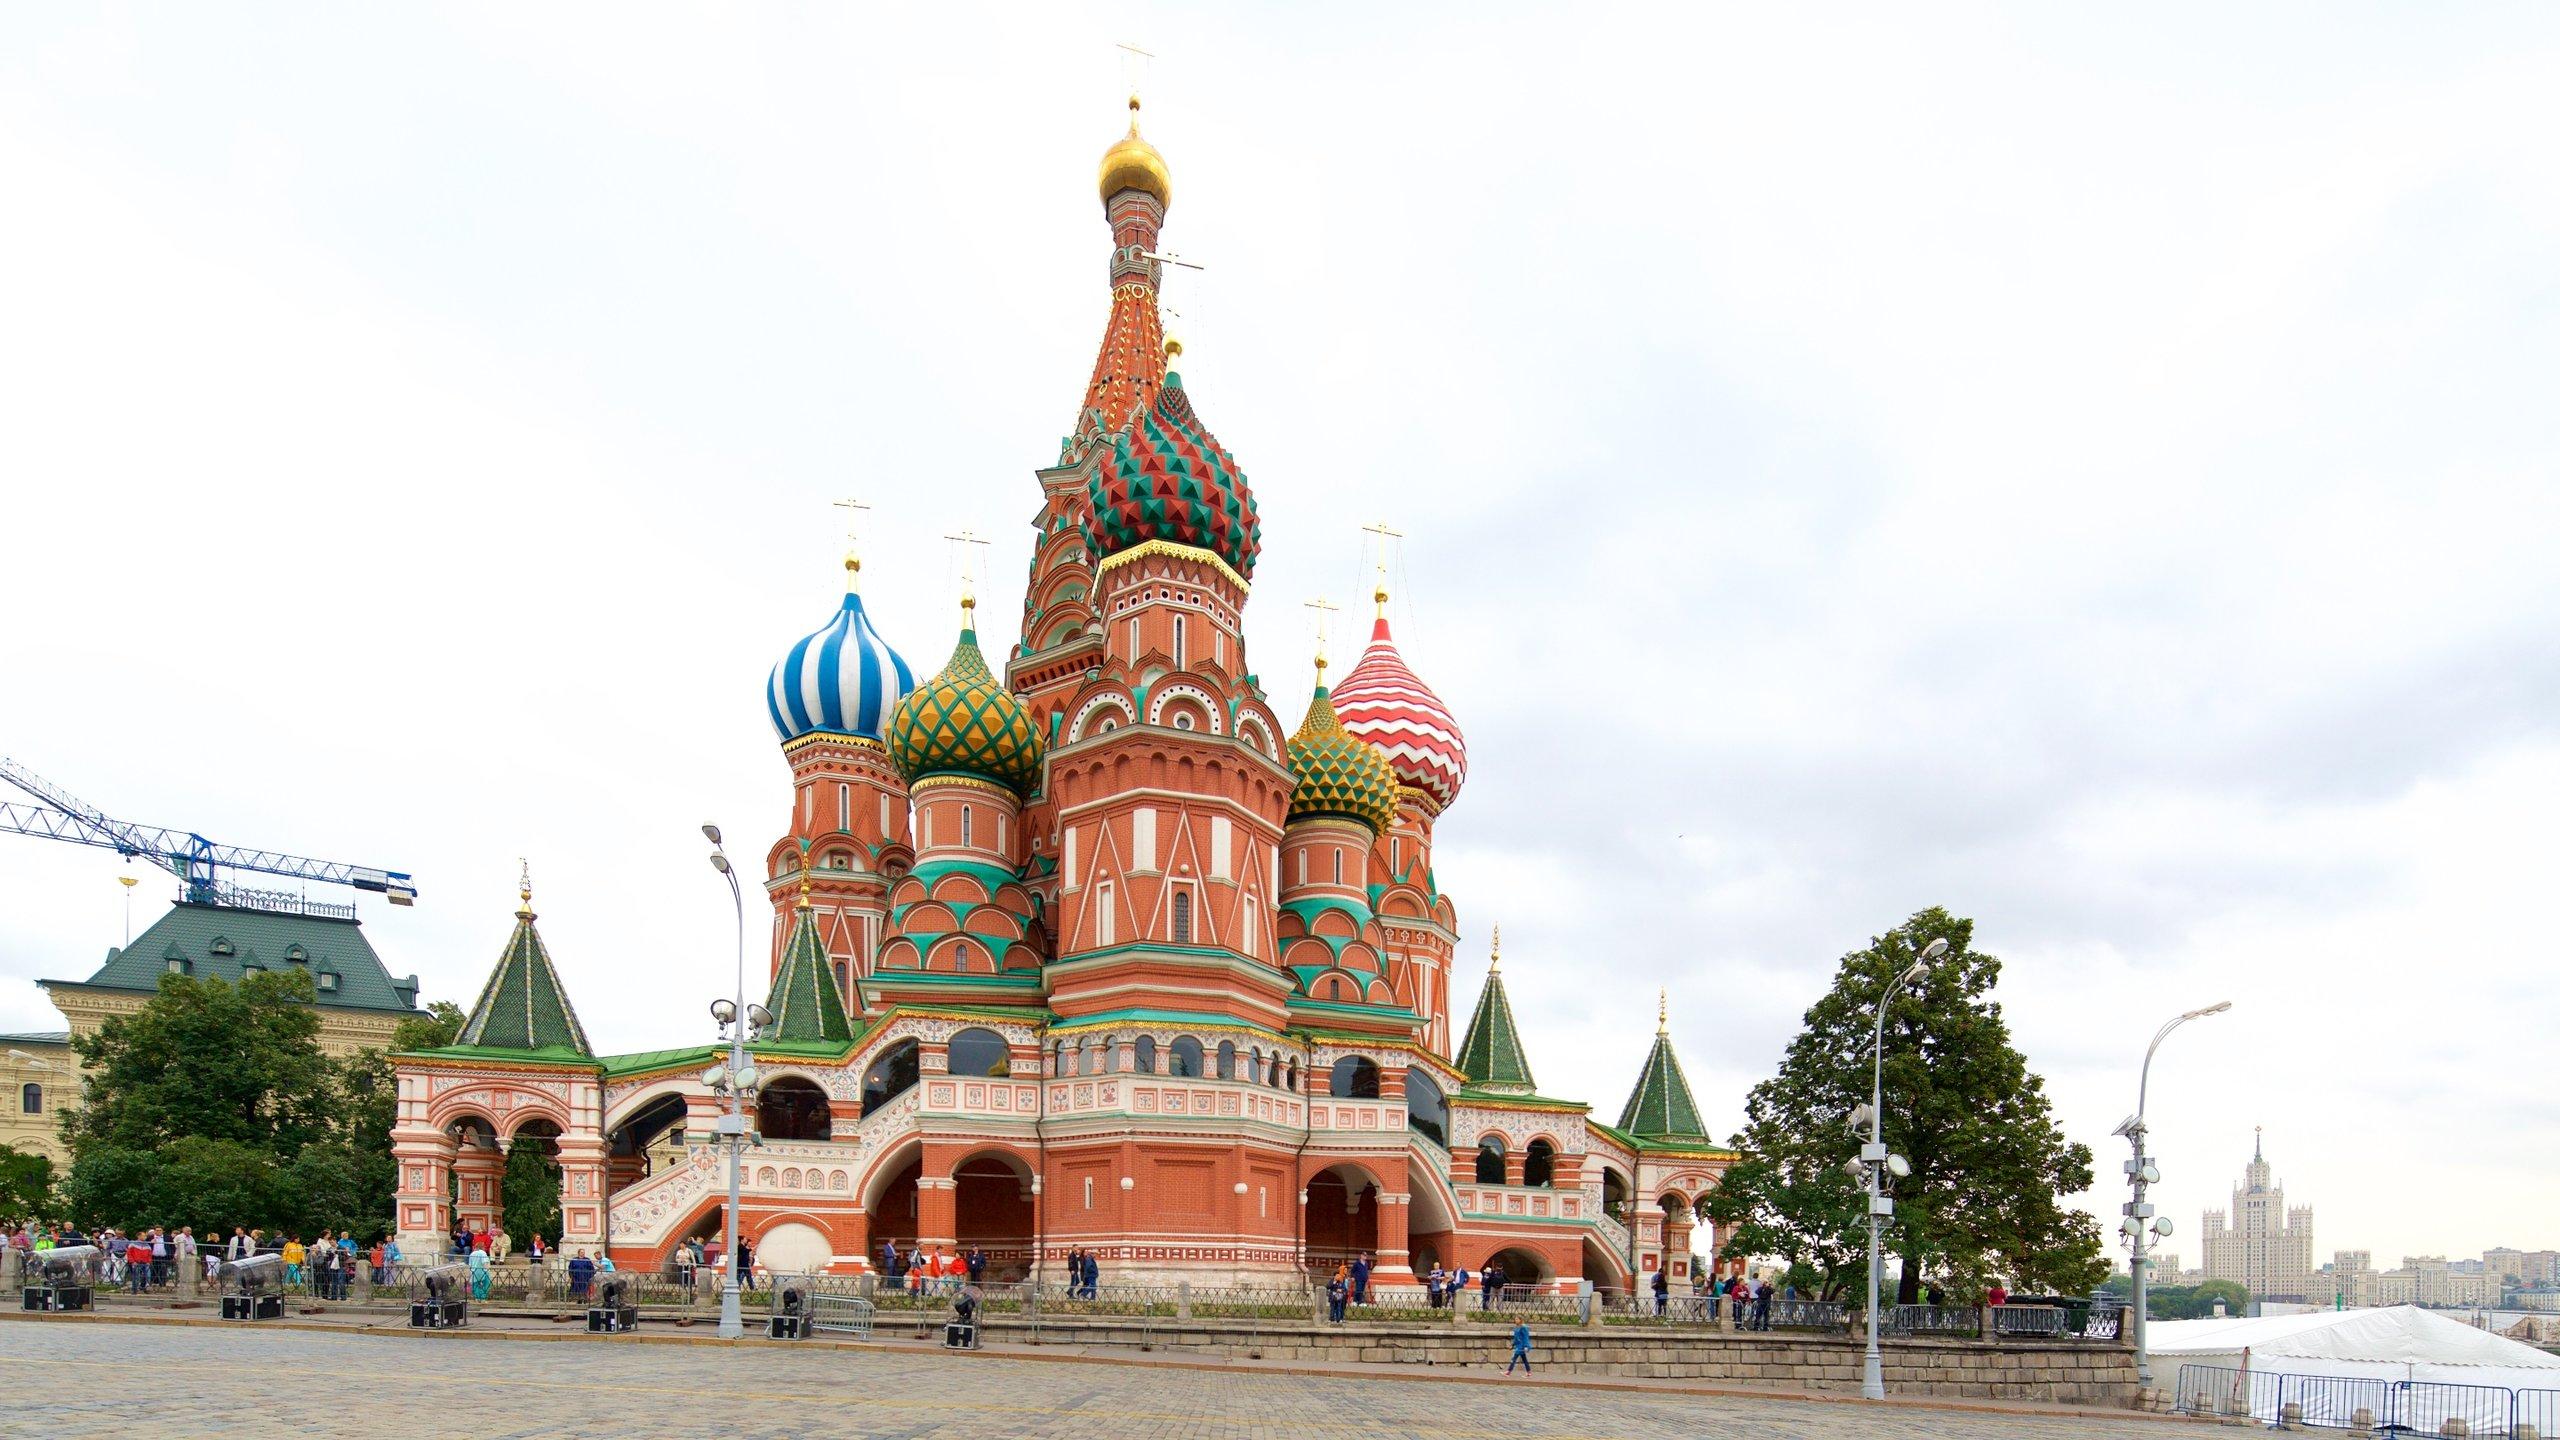 Seguramente si piensas en Rusia te vendrá a la cabeza la imagen de este icónico edificio, cuyas cúpulas en forma de cebolla contrastan con el perfil de Moscú.